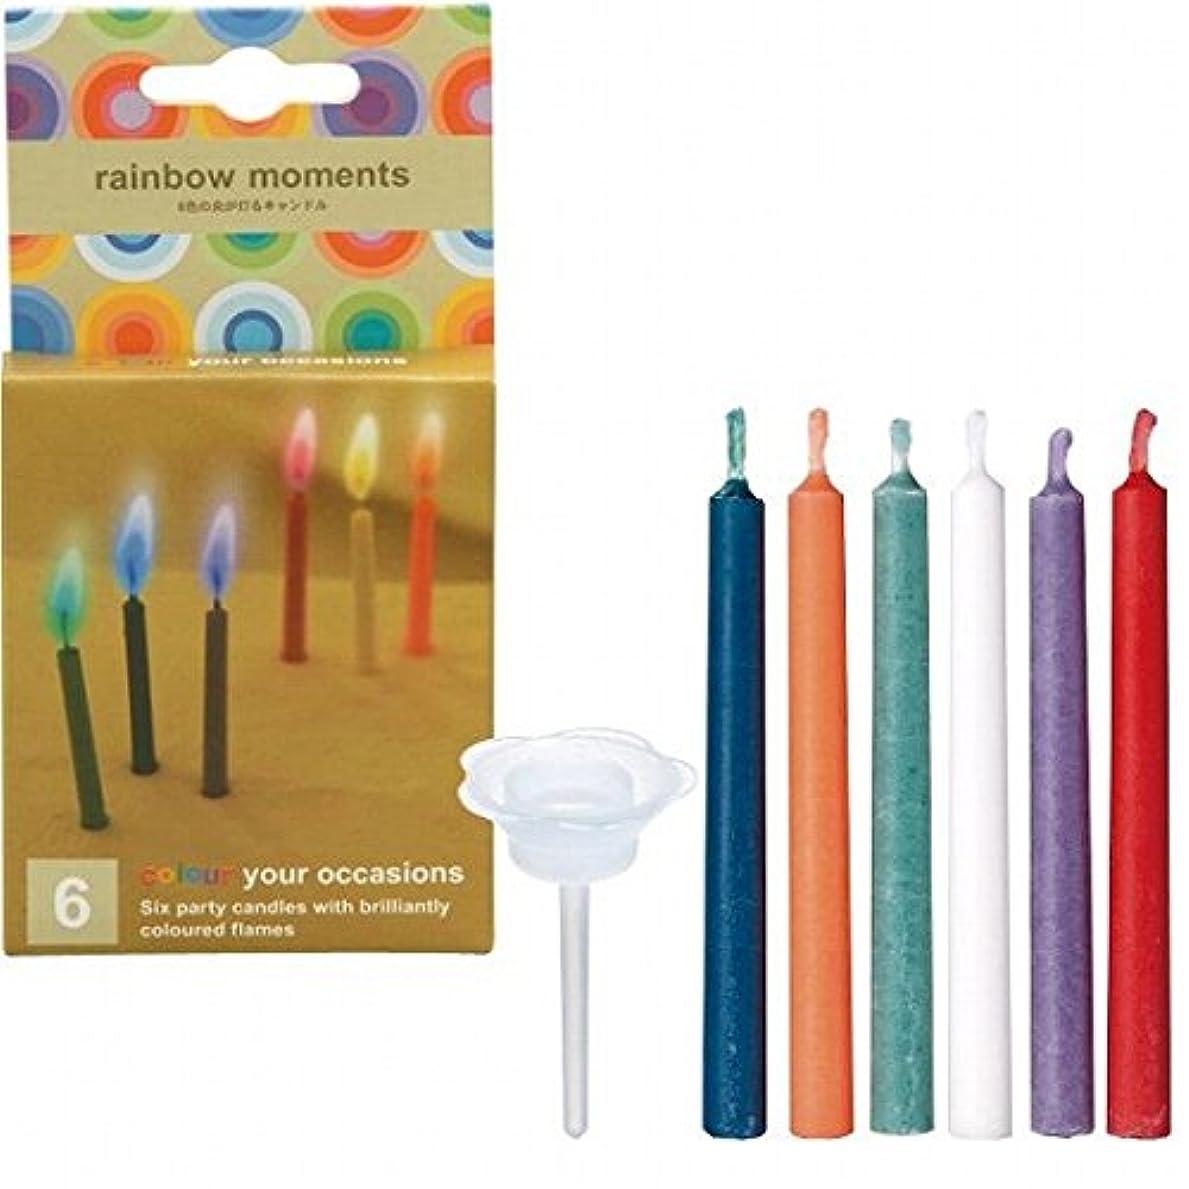 そうでなければガイドラインカメヤマキャンドル( kameyama candle ) rainbowmoments(レインボーモーメント)6色6本入り 「 6本入り 」 キャンドル